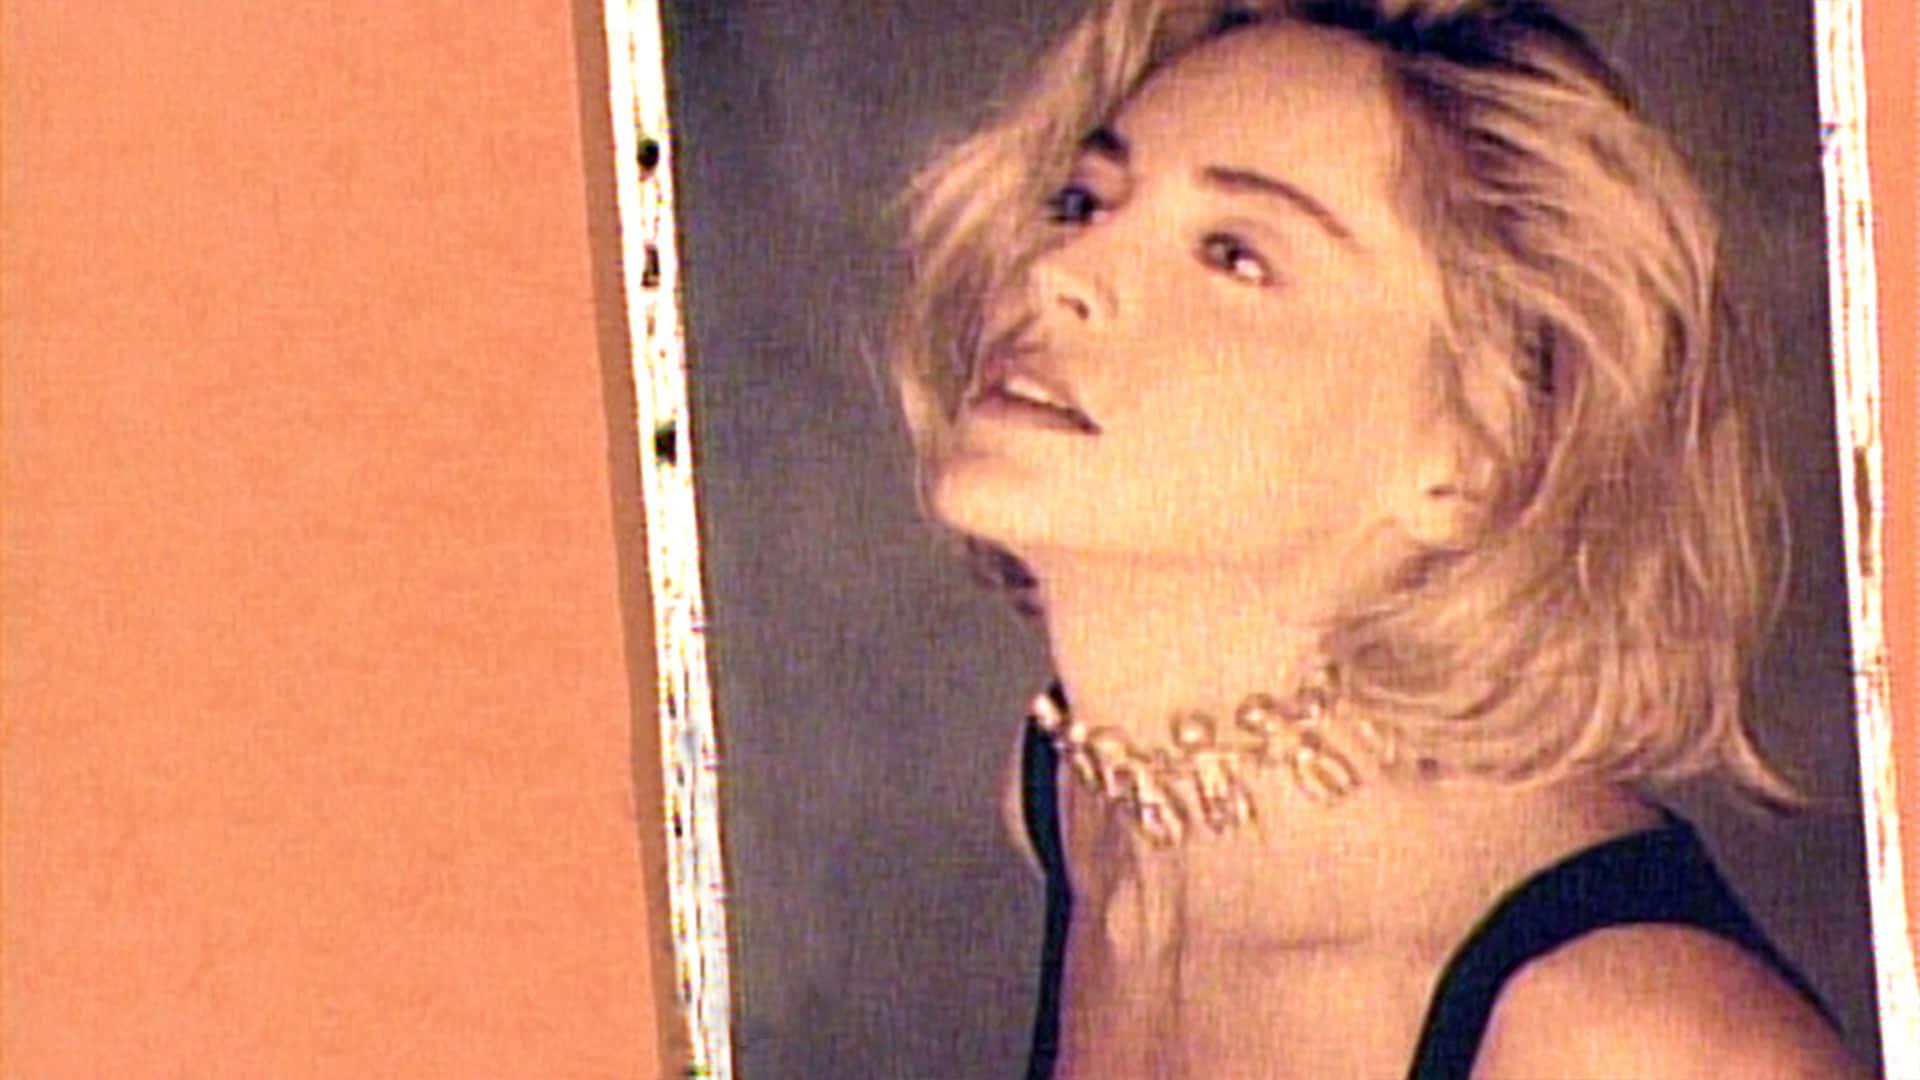 Sharon Stone: April 11, 1992